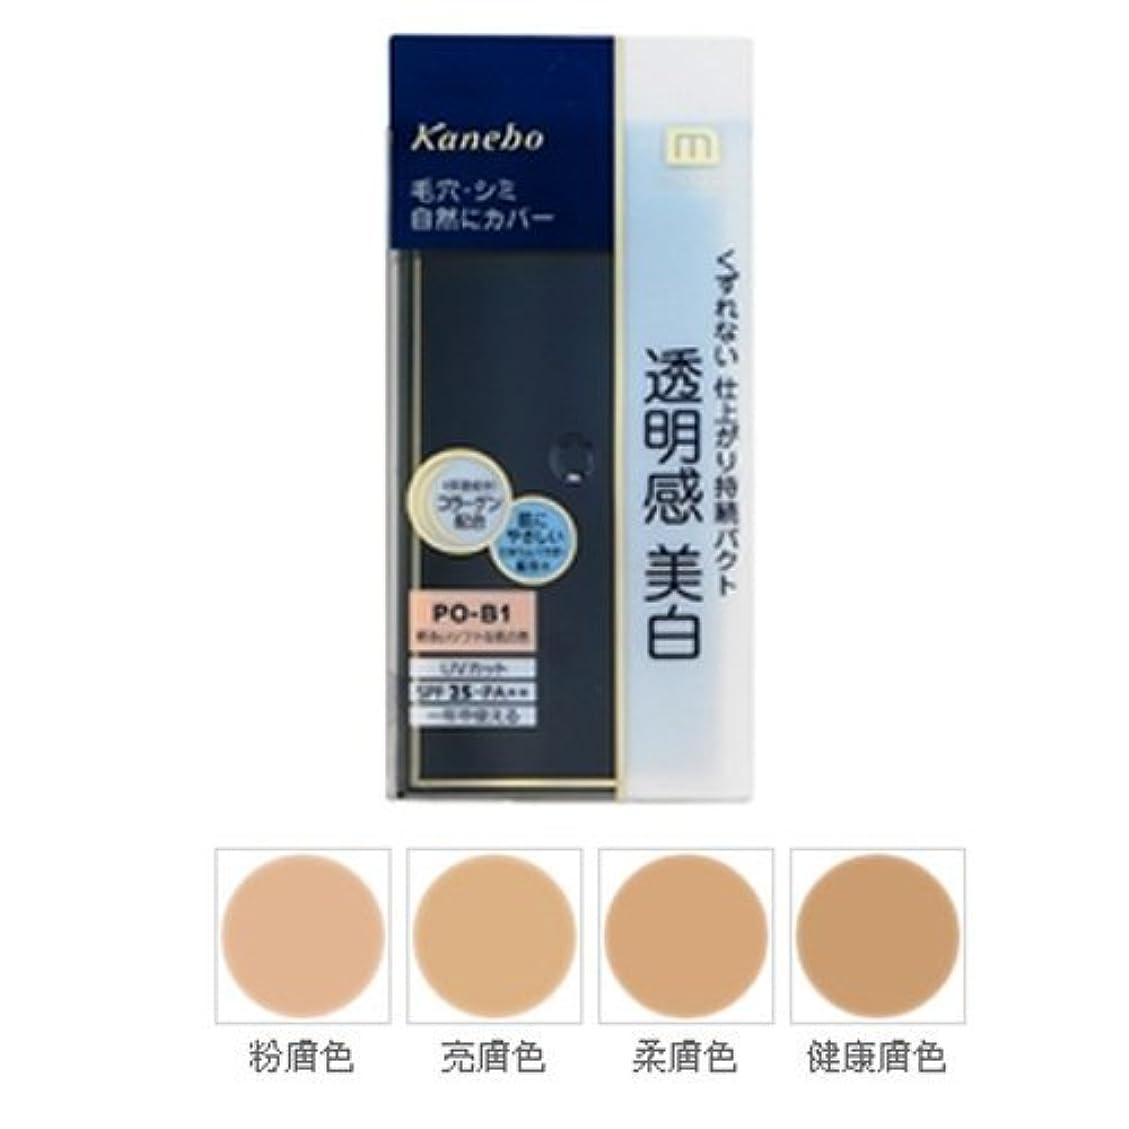 ペレットアッティカス完全に乾くカネボウ メディア(media)ホワイトニングパクトA III カラー:OC-E1